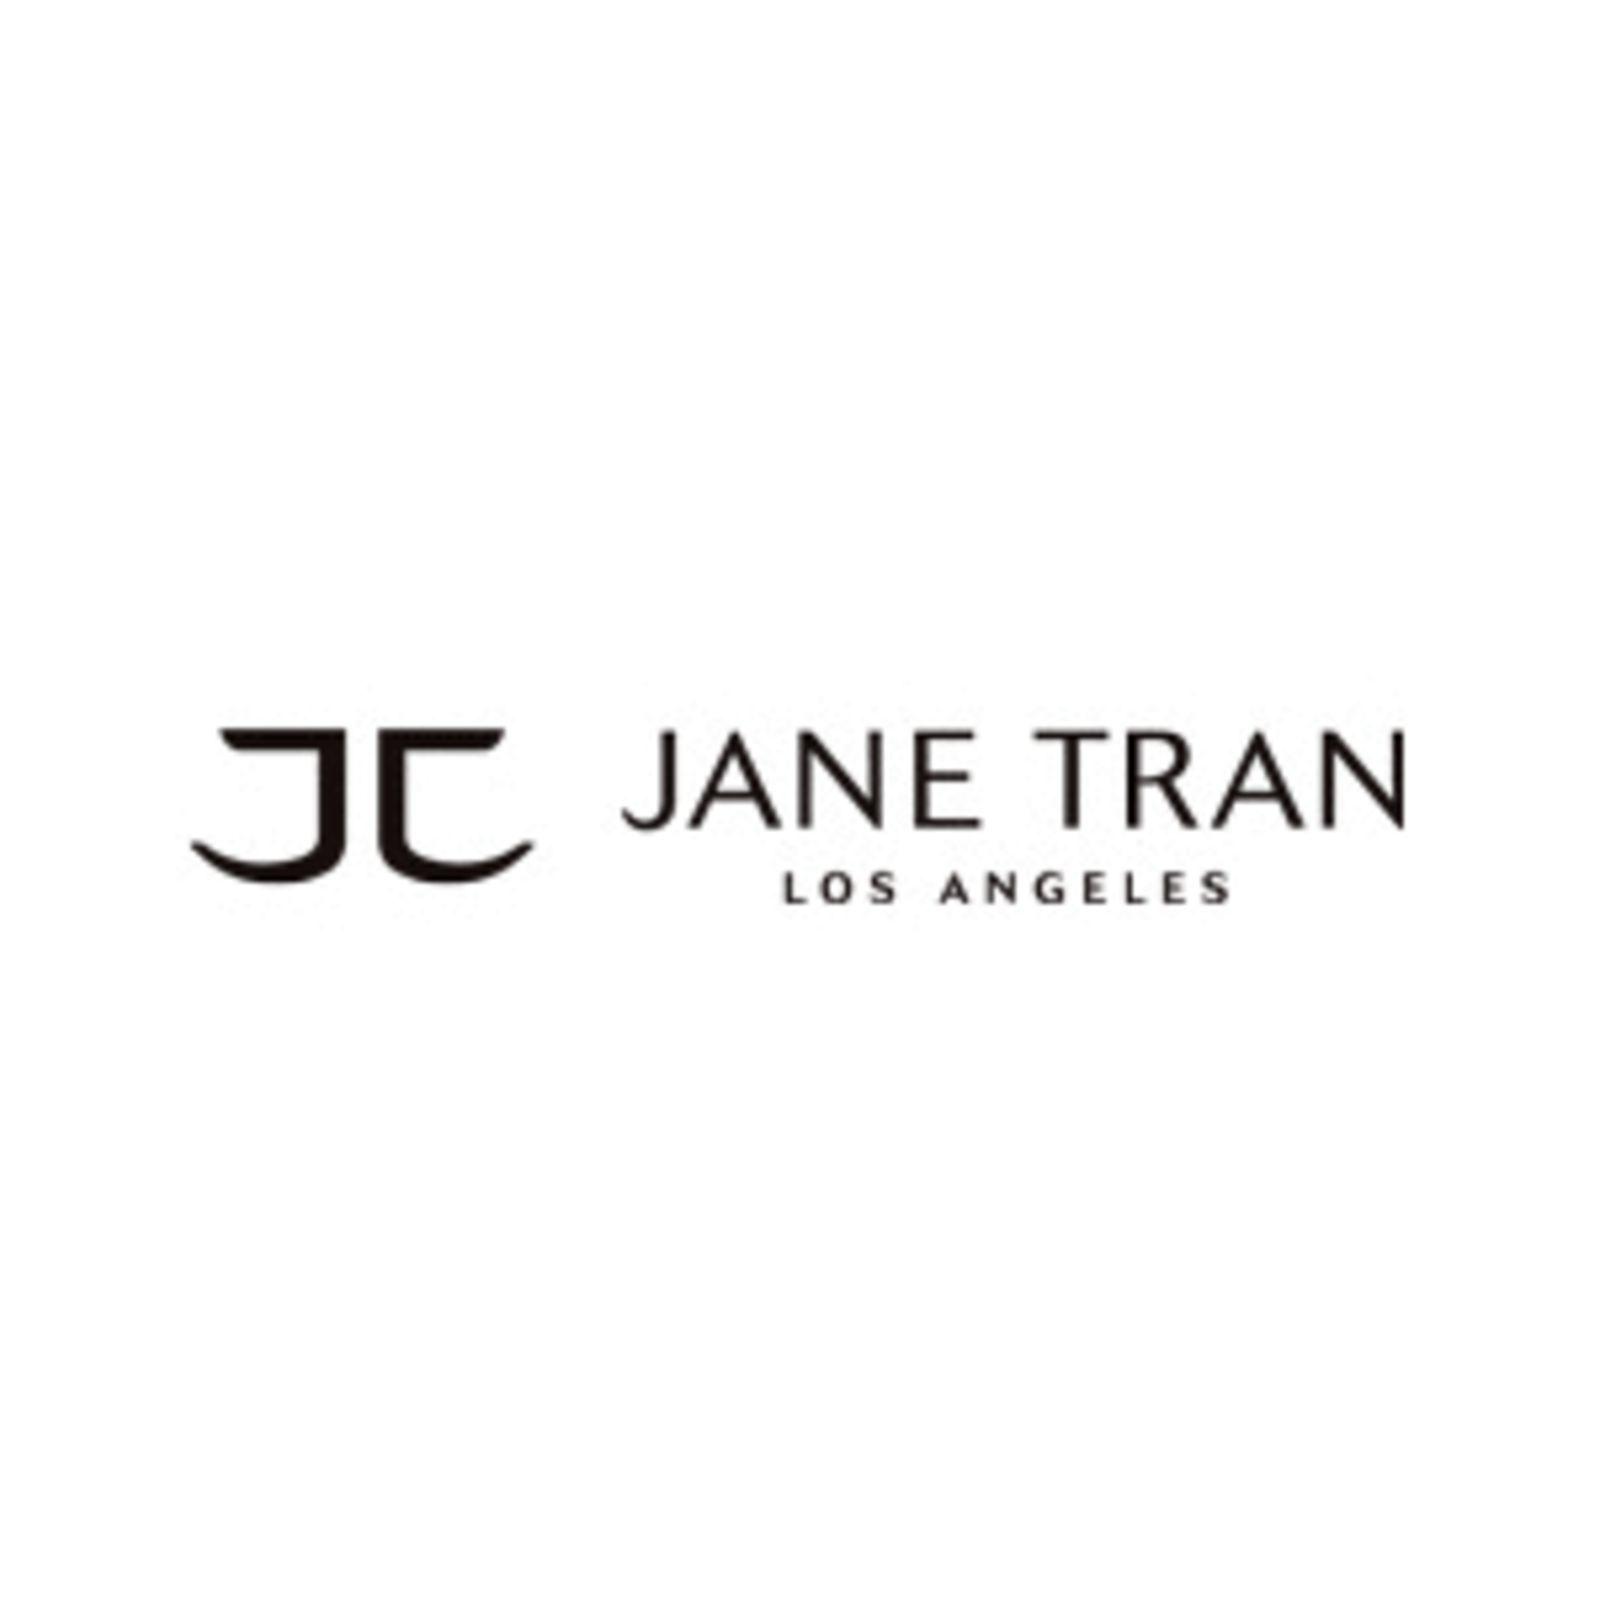 Jane Tran